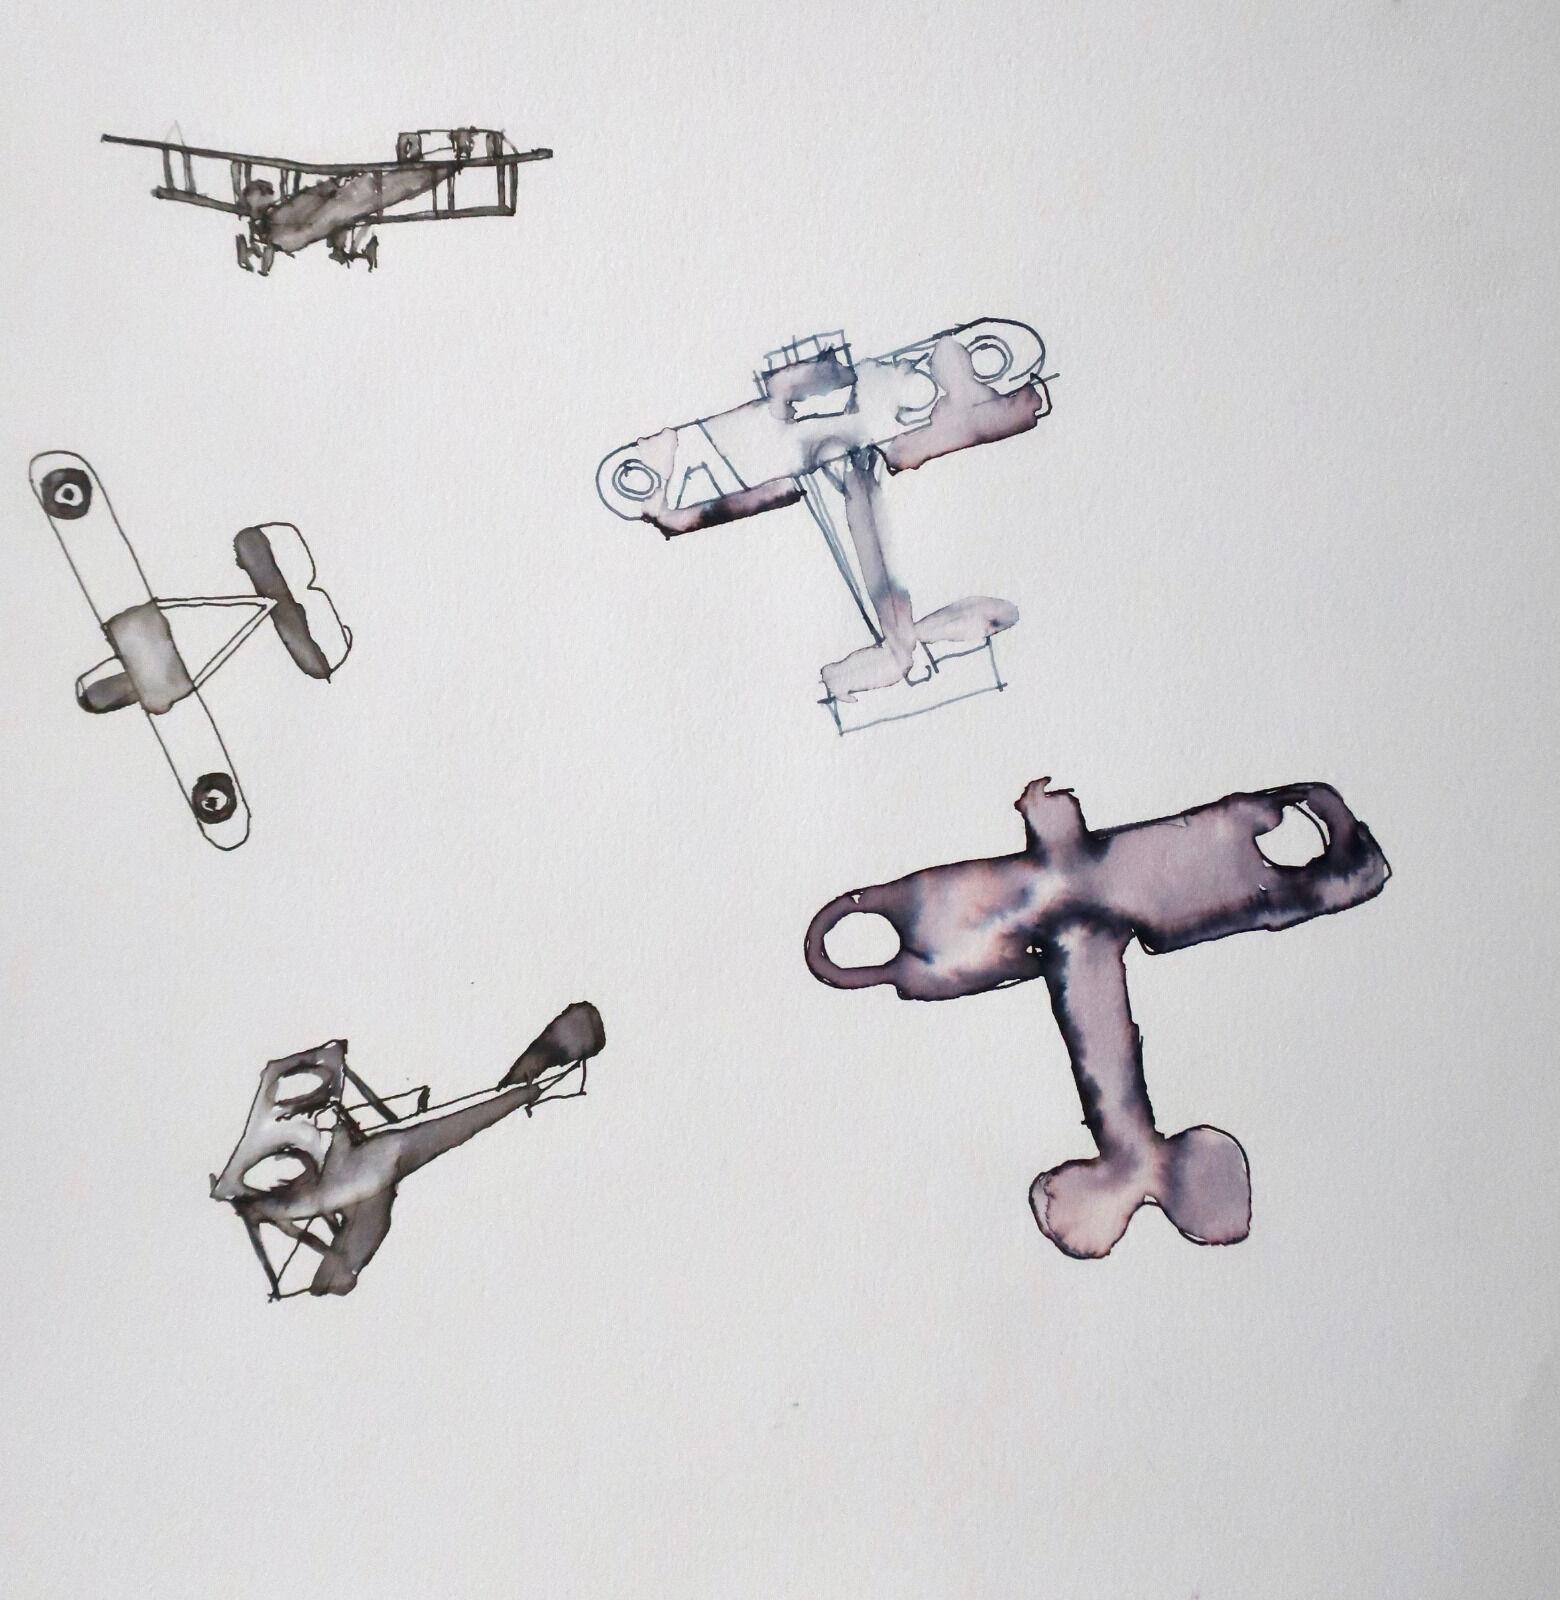 5 Bi-planes